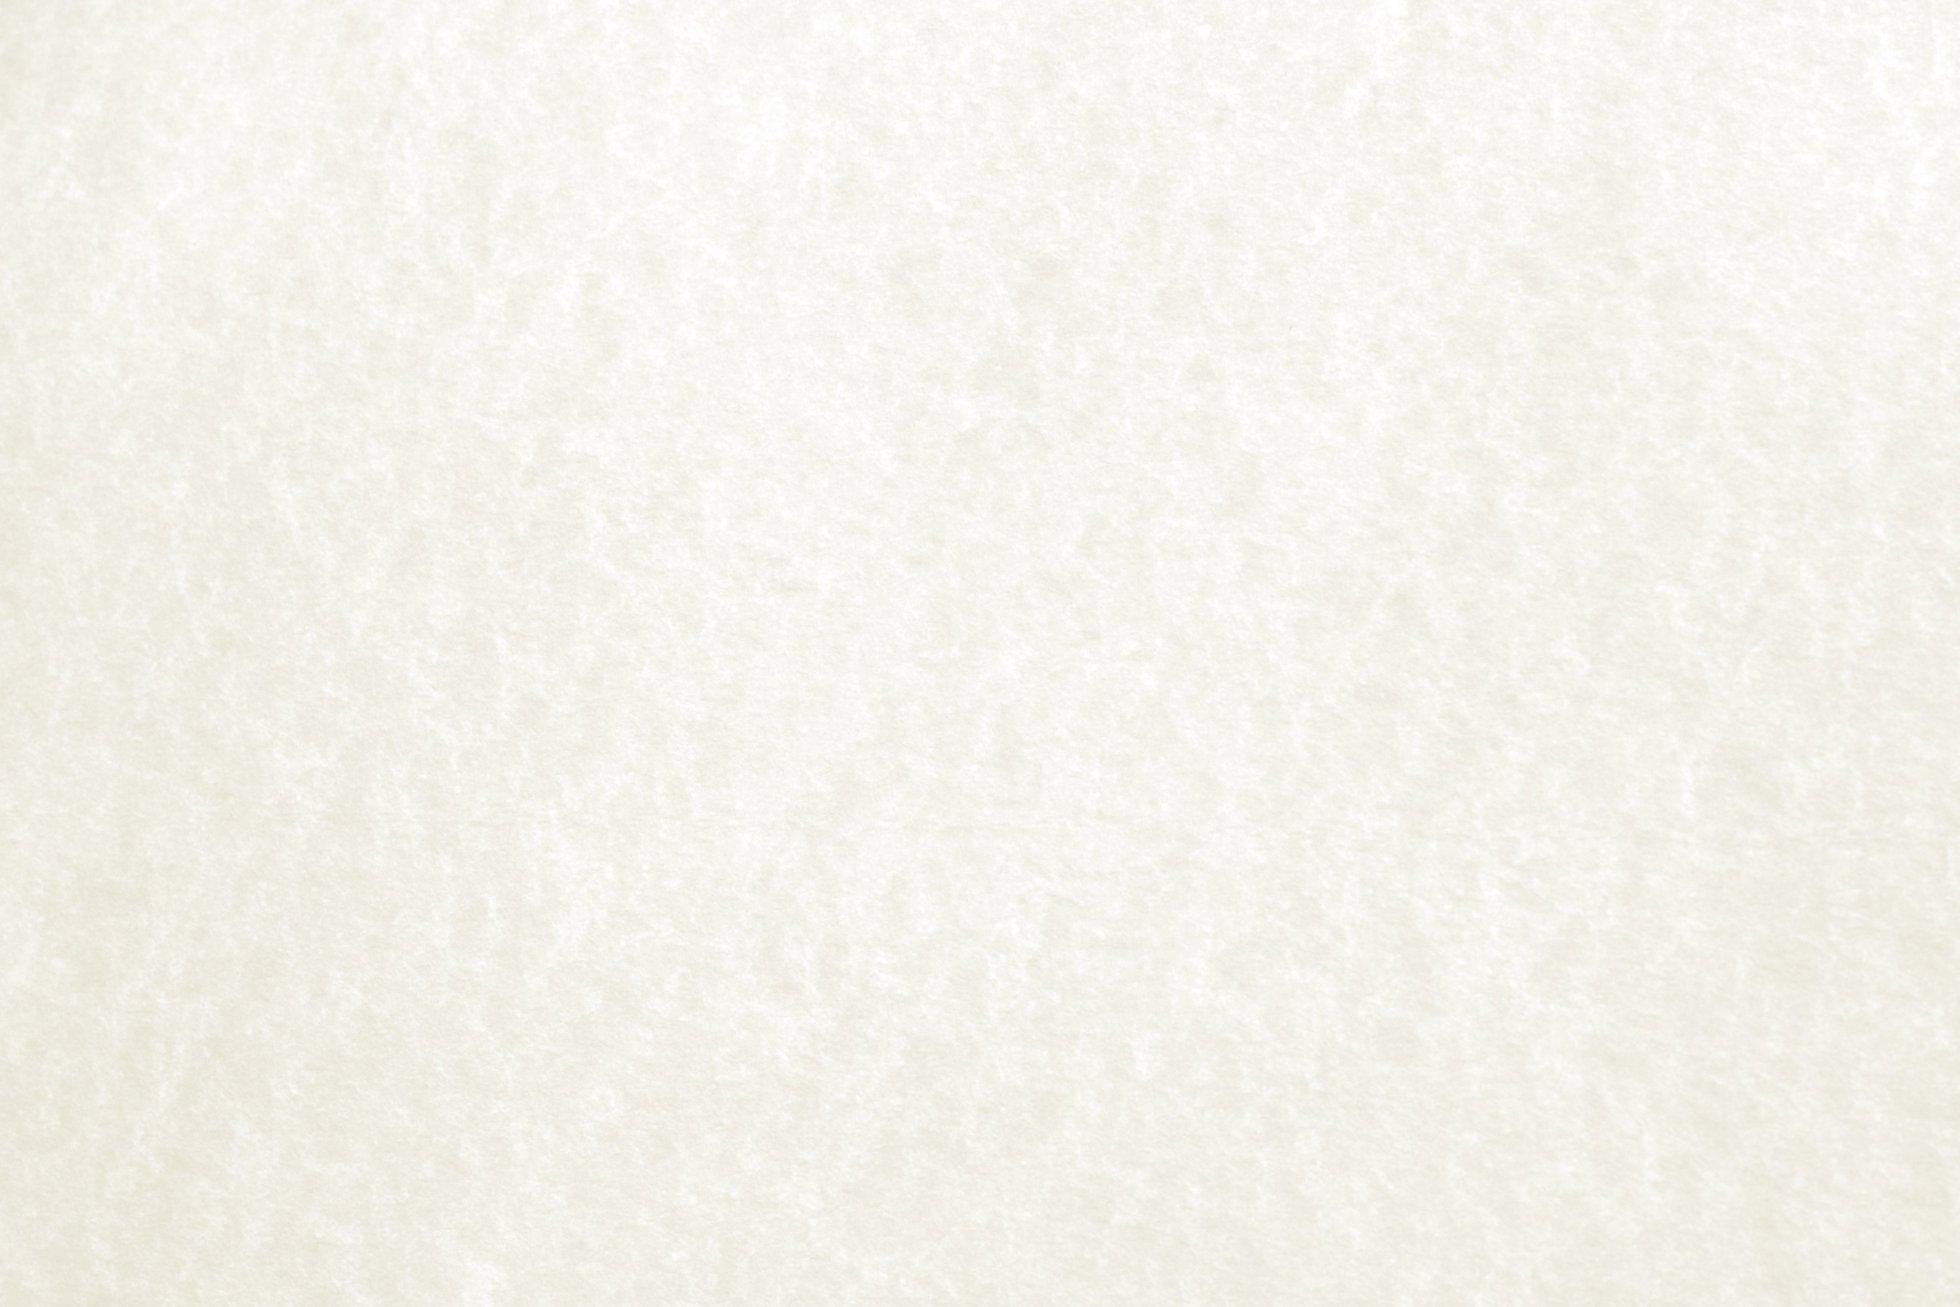 white-parchment-paper-texture (1)